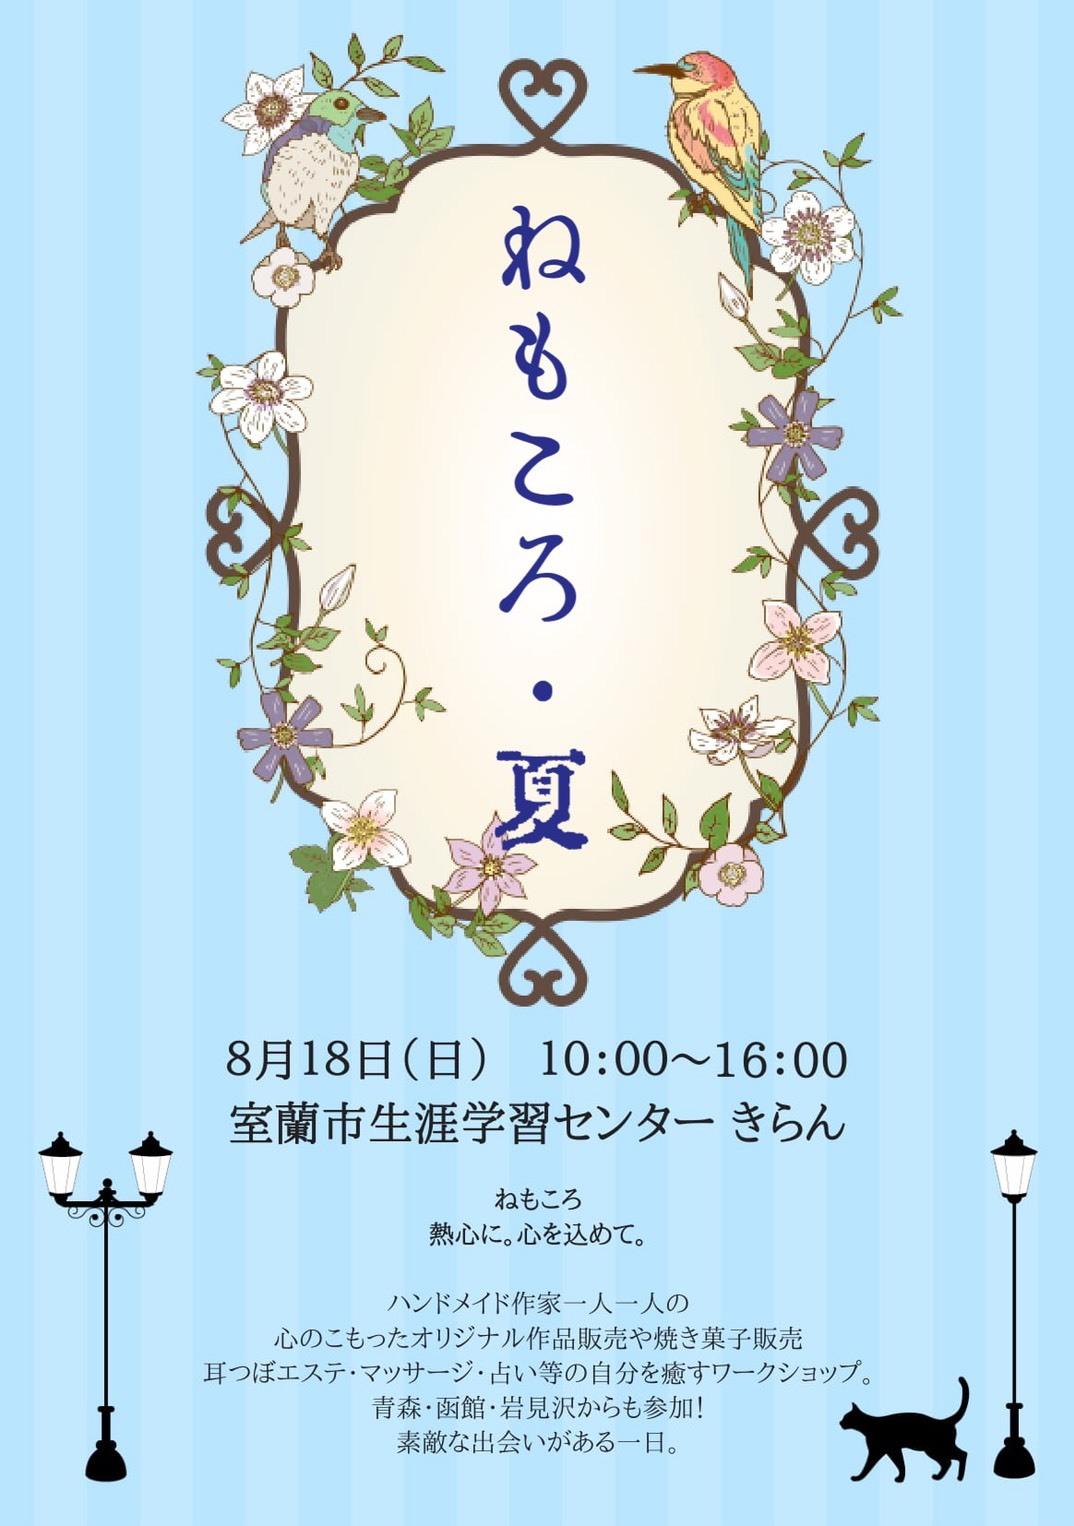 [イベント] 室蘭のイベント「ねもころ・夏」初出展のお知らせ♪_f0340004_17060264.jpg